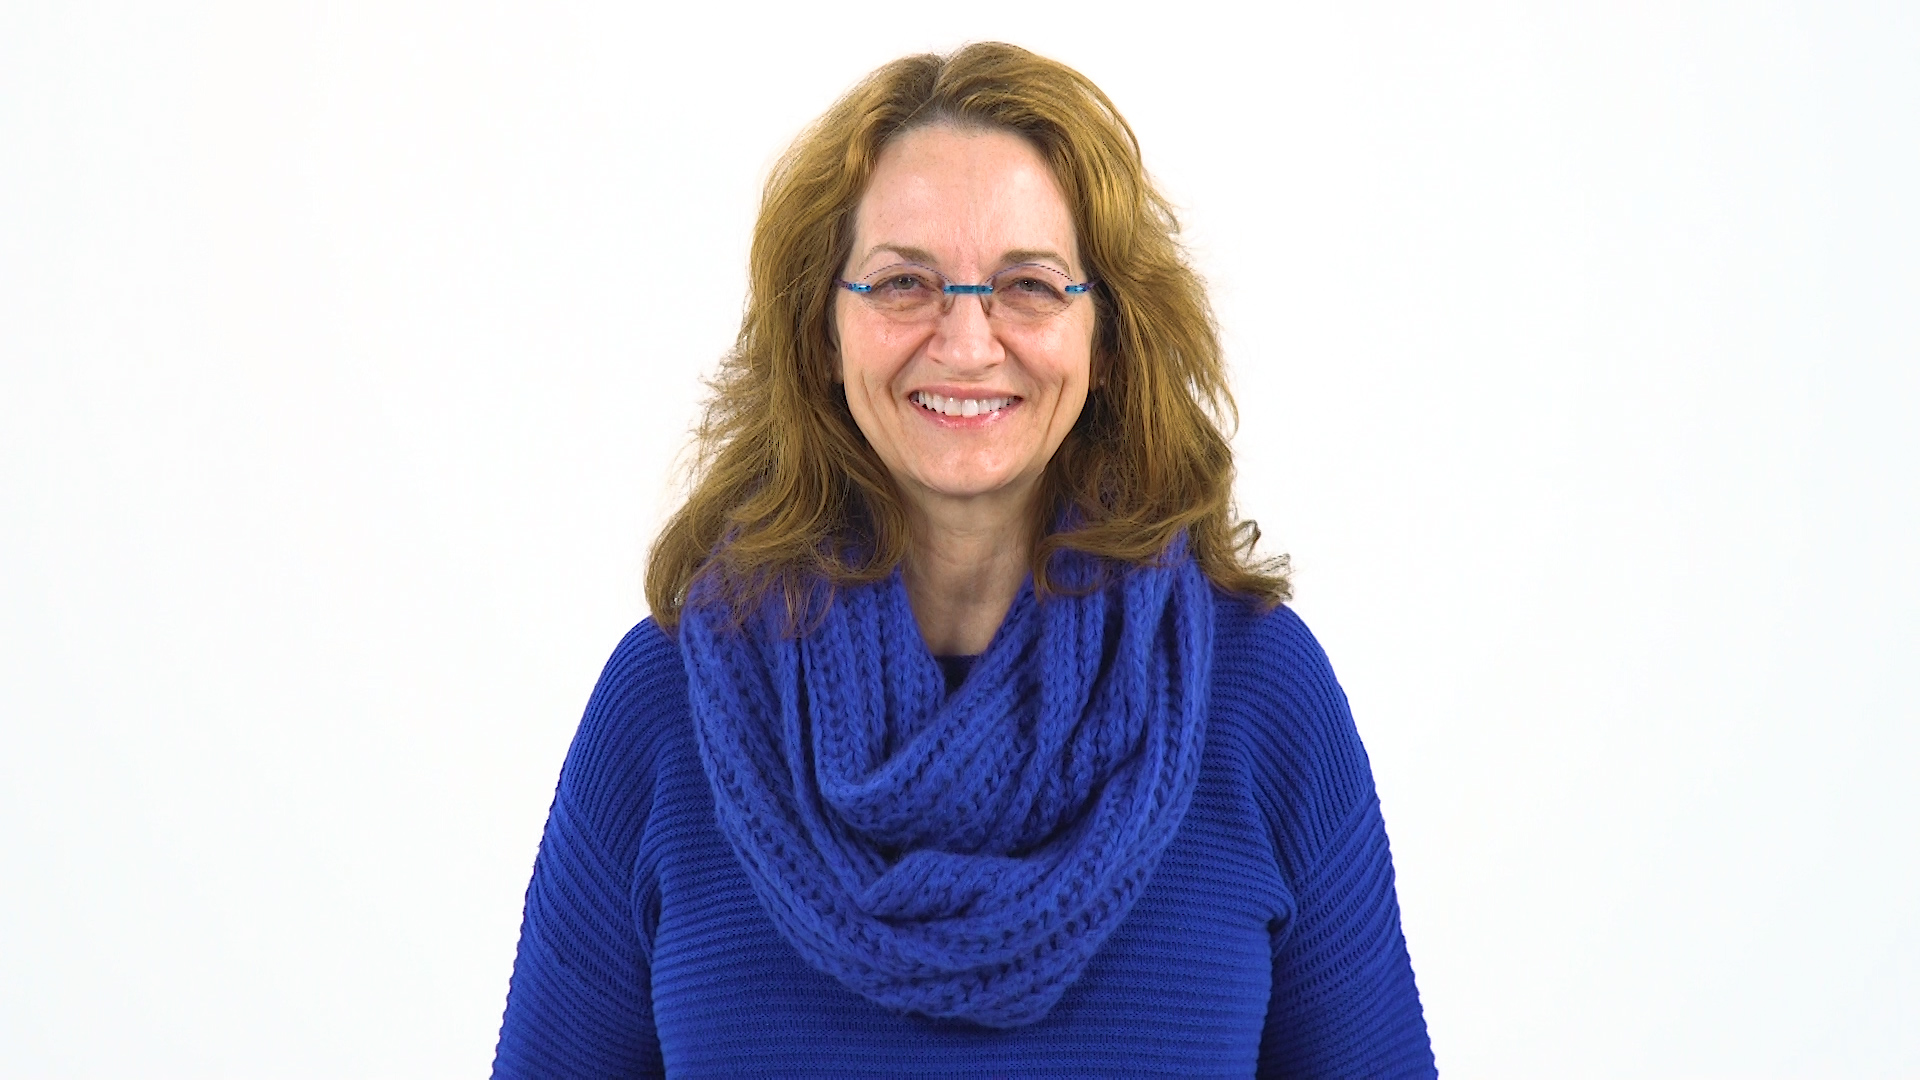 Claudia Senesac